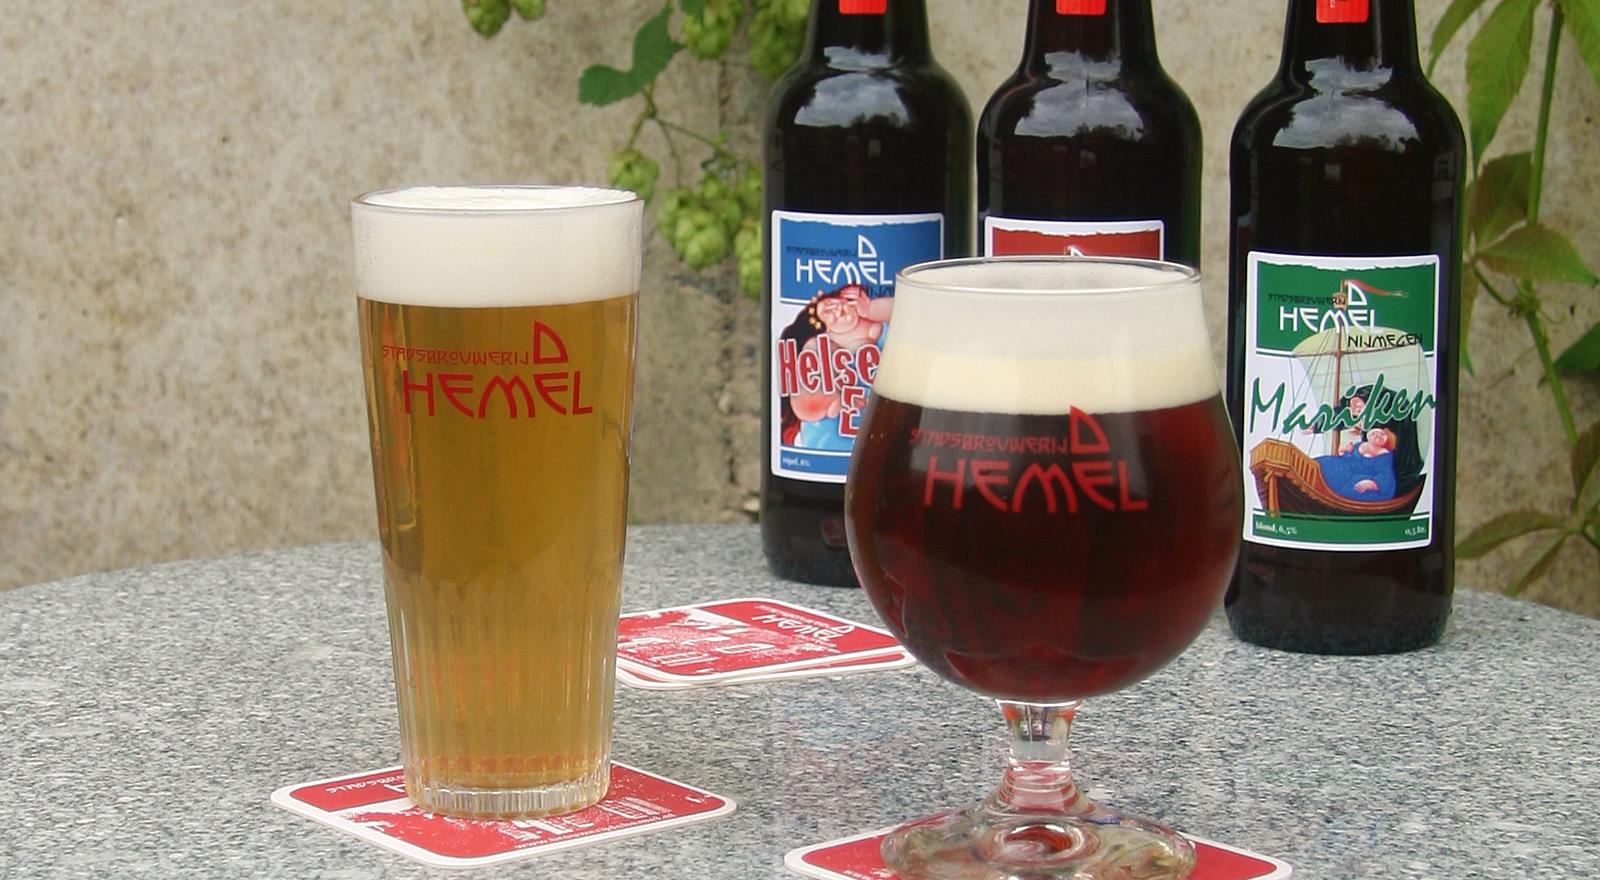 Home Brouwerij De Hemel Nijmegen